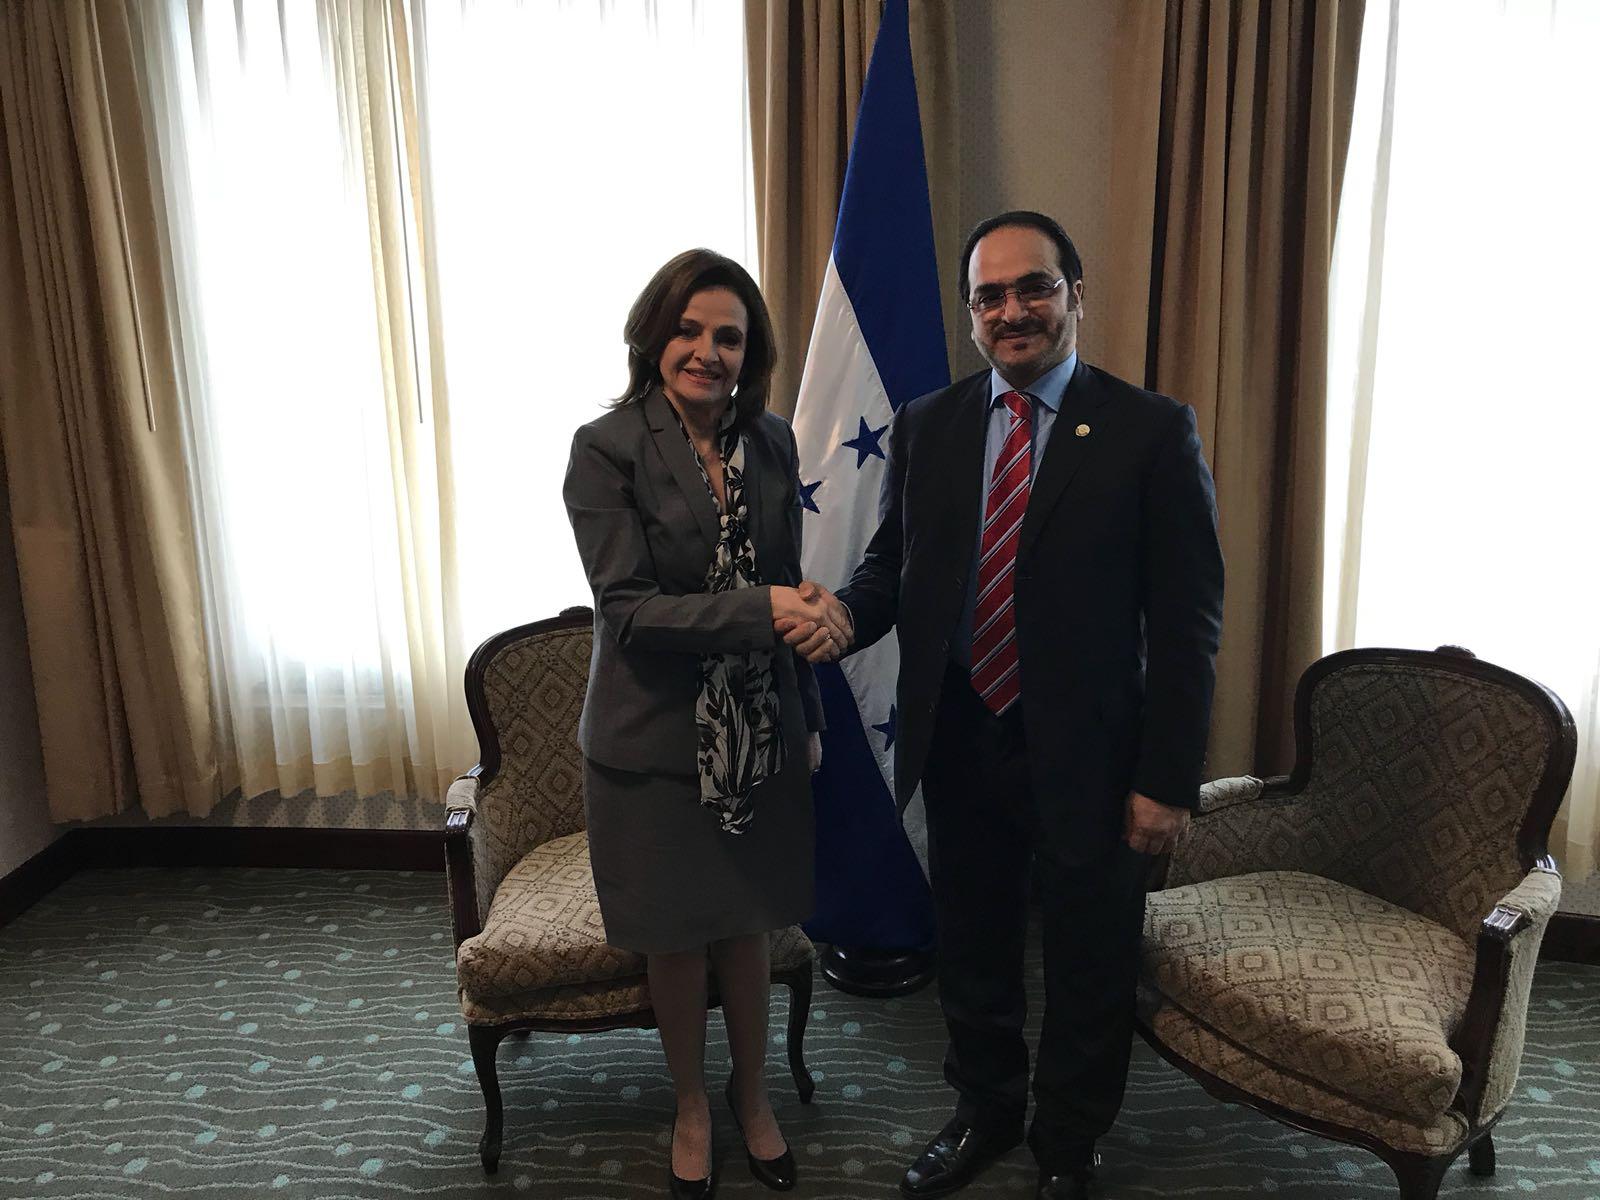 نائبة وزيرة خارجية هندوراس تجتمع مع القائم بالأعمال القطري لدى السلفادور